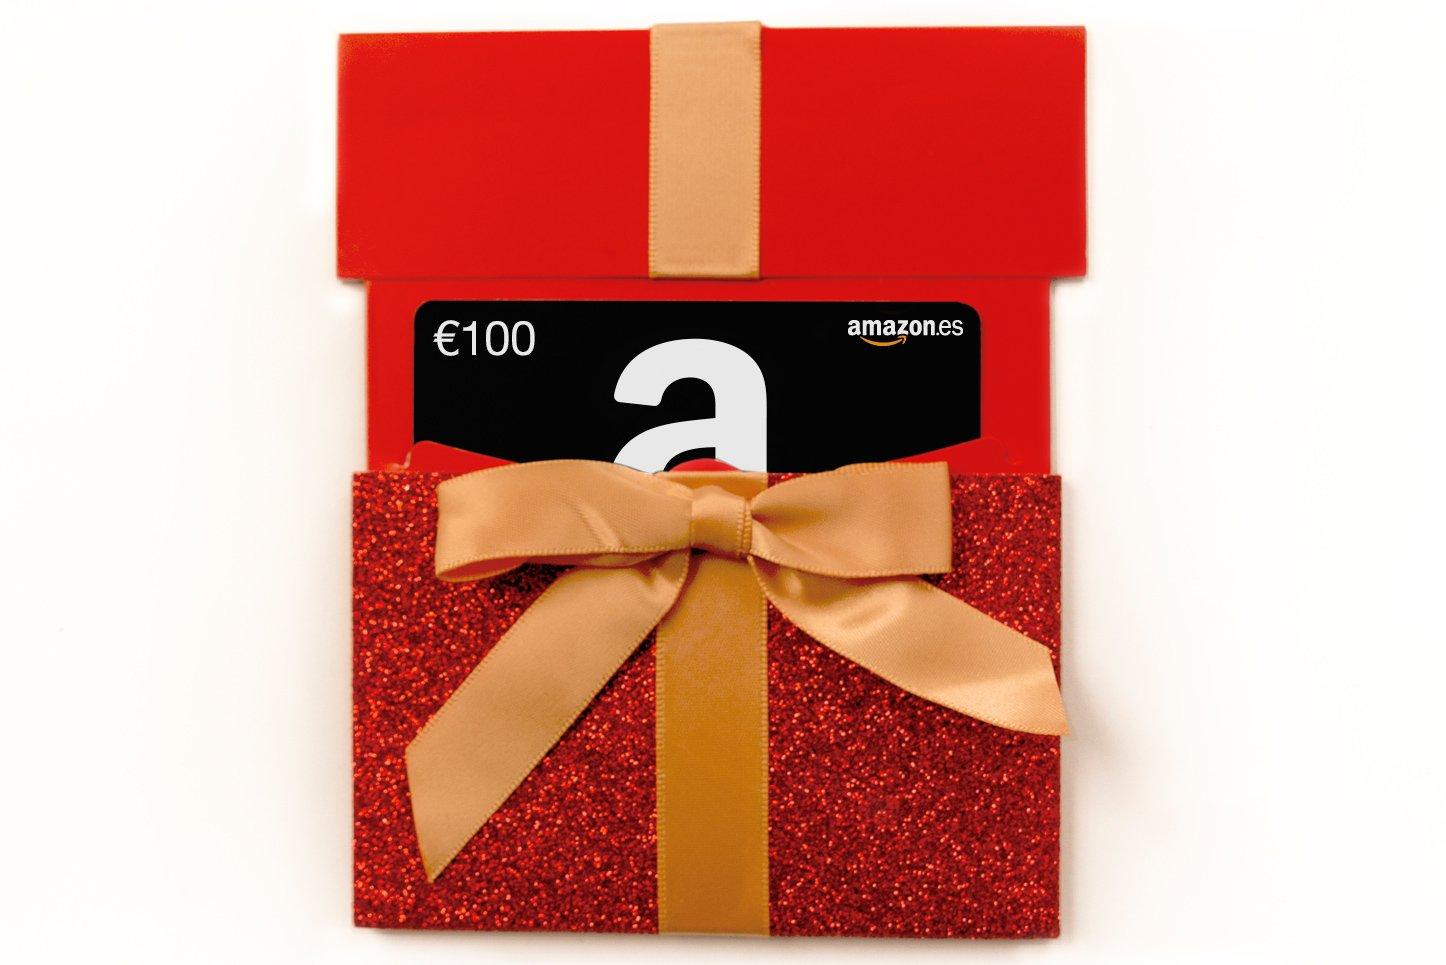 Tarjeta Regalo de Amazon.es en un estuche - Envío 1 día gratis Cheques Regalo Amazon.es